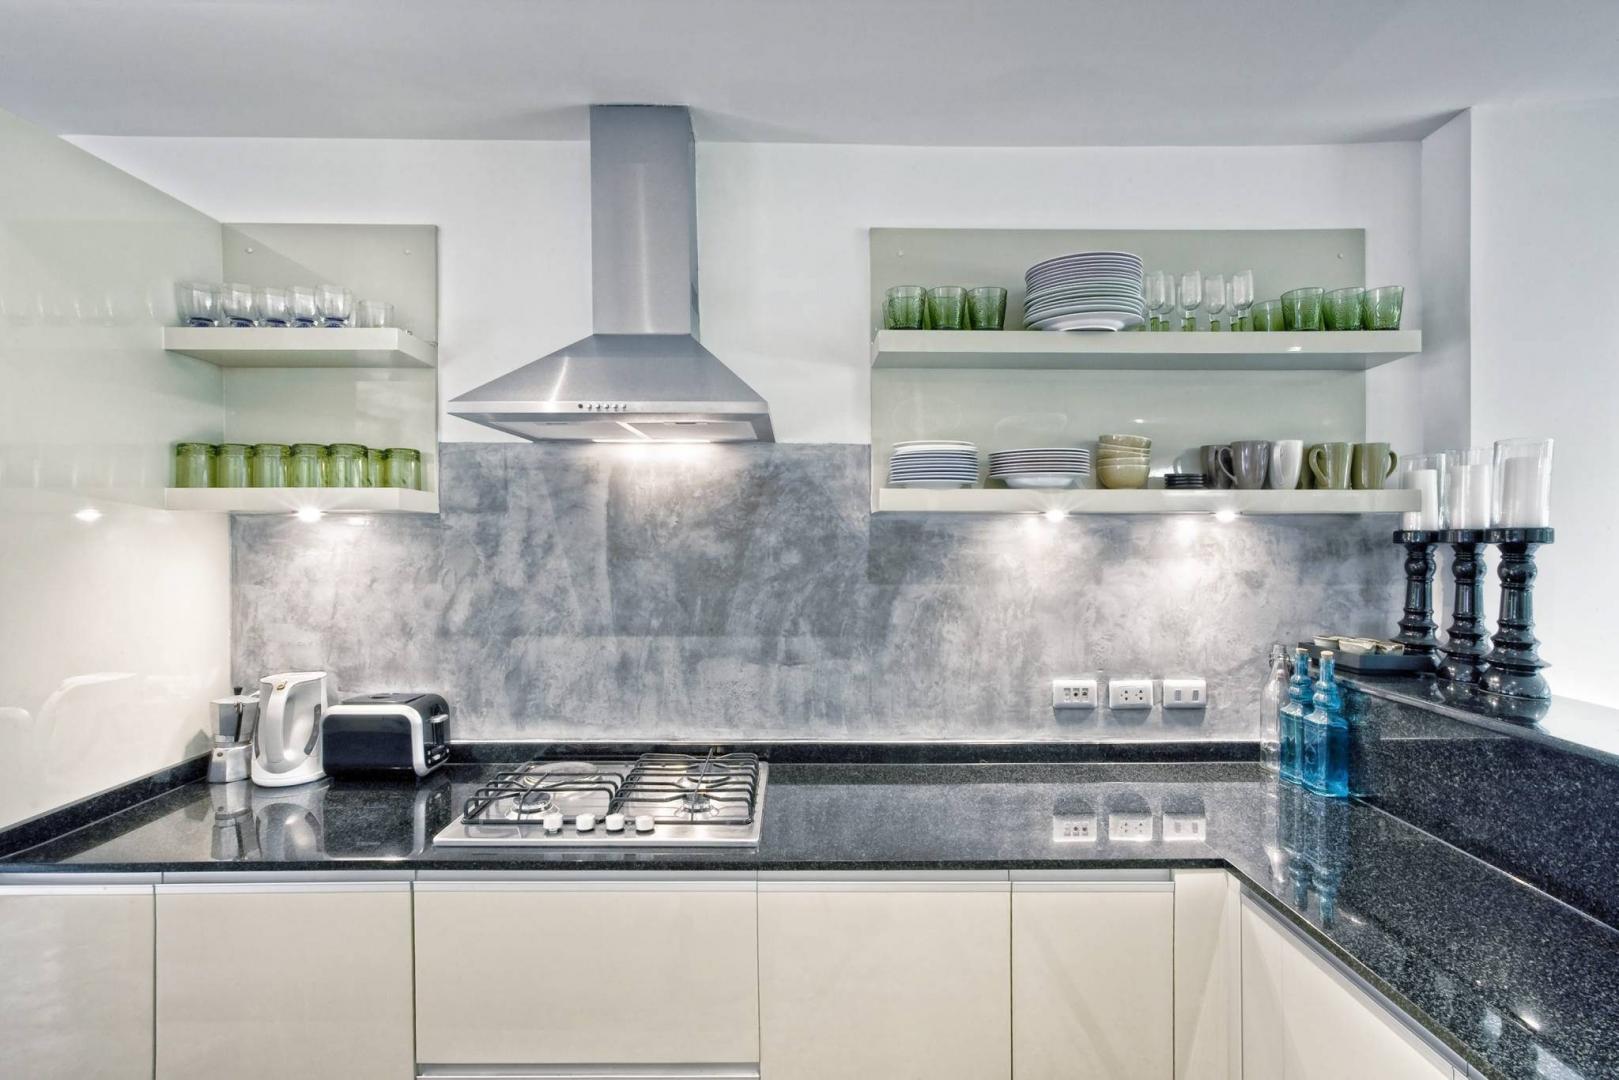 Błędy W Projektowani Kuchni Jak Ich Uniknąć ładny Dom